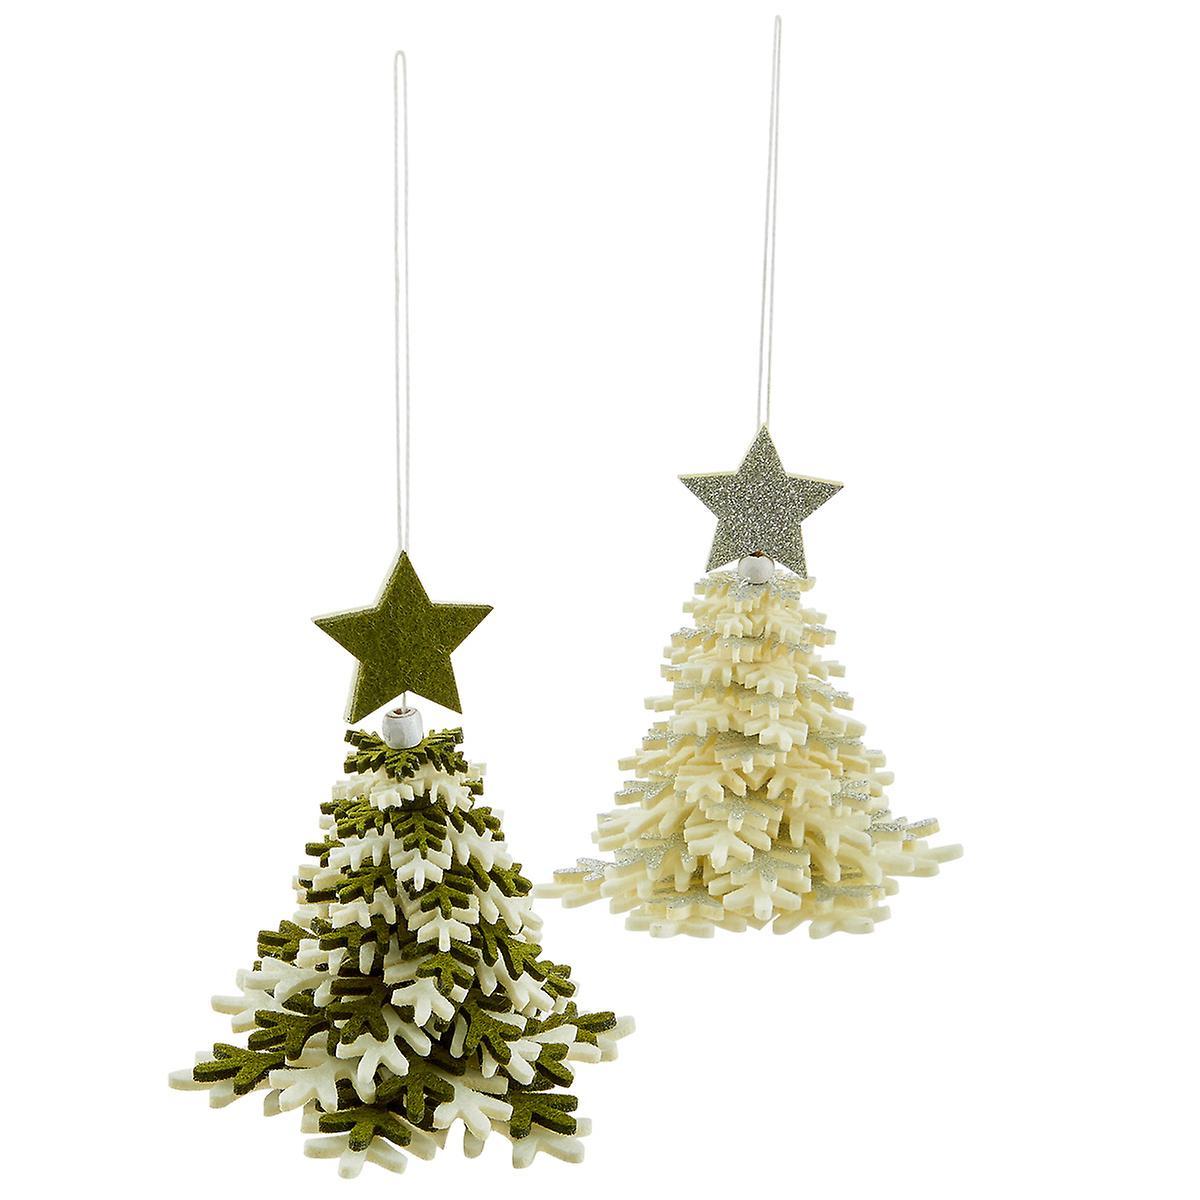 Merry Christmas Tree Felt Tie-On Ornament